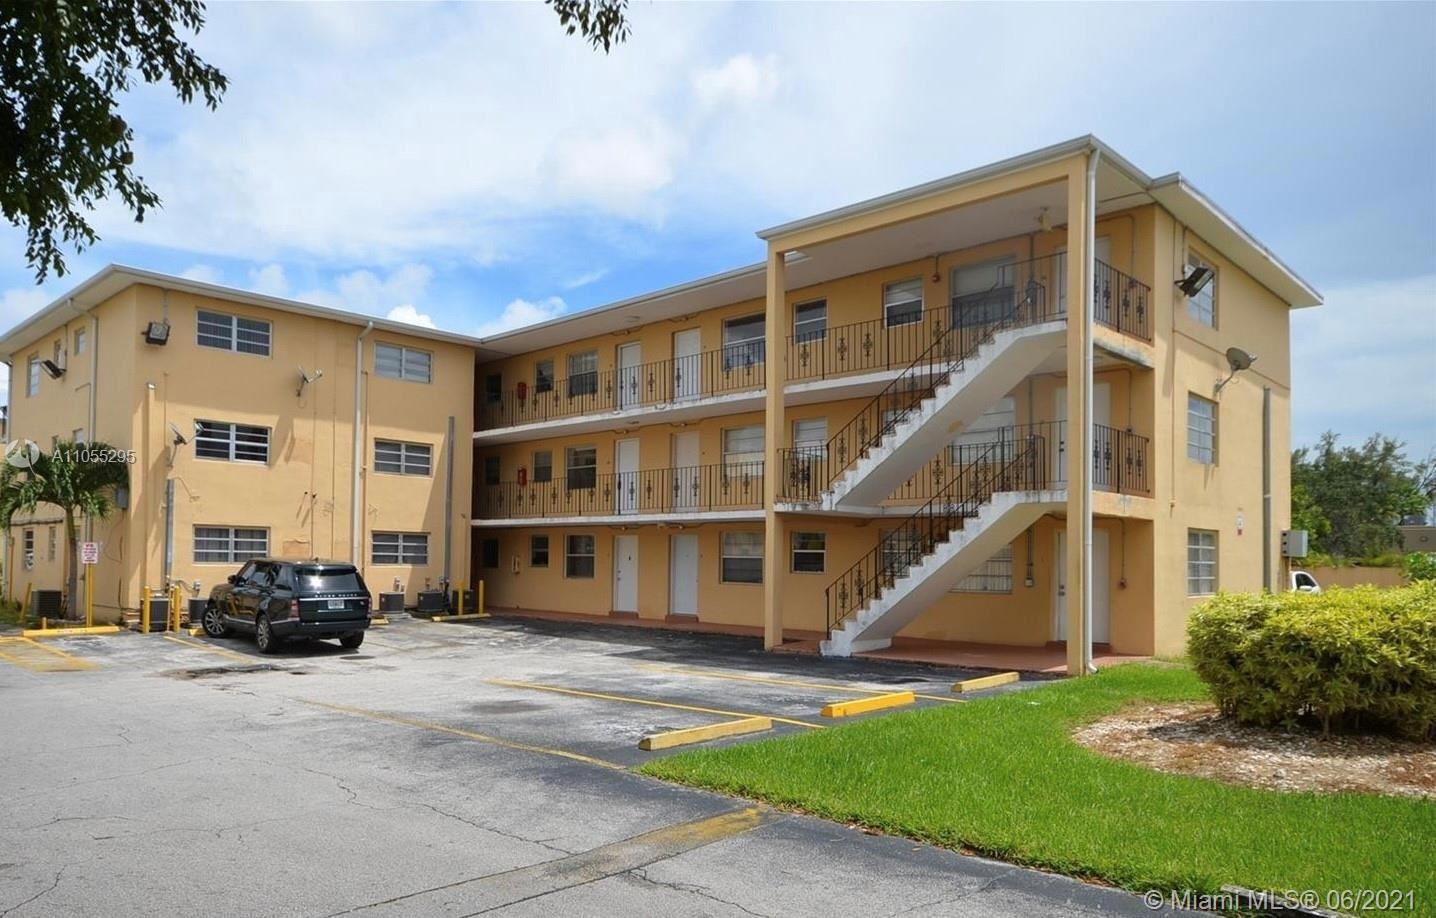 3855 SW 79th Ave #20, Miami, FL 33155 - #: A11055295